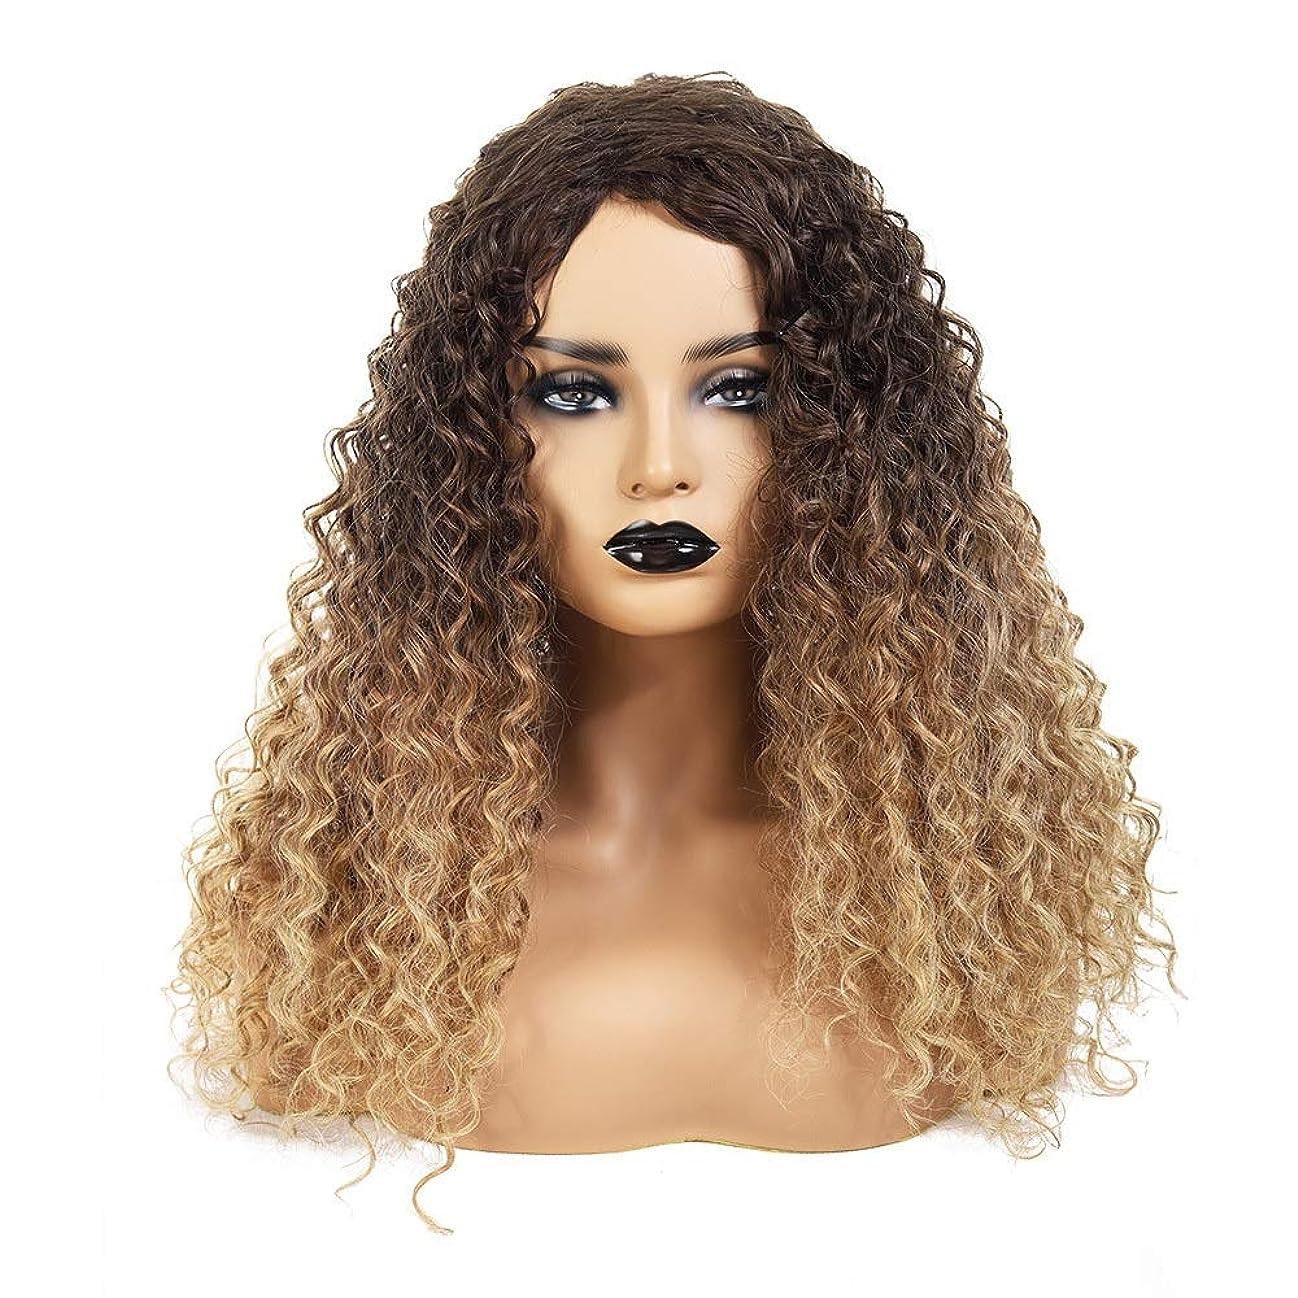 道徳の震えスリムIsikawan ルーツグラデーションブロンドの抵抗力のある髪の人工毛ふわふわ女性用18インチアフロカーリーヘアブラウン (色 : Blonde)